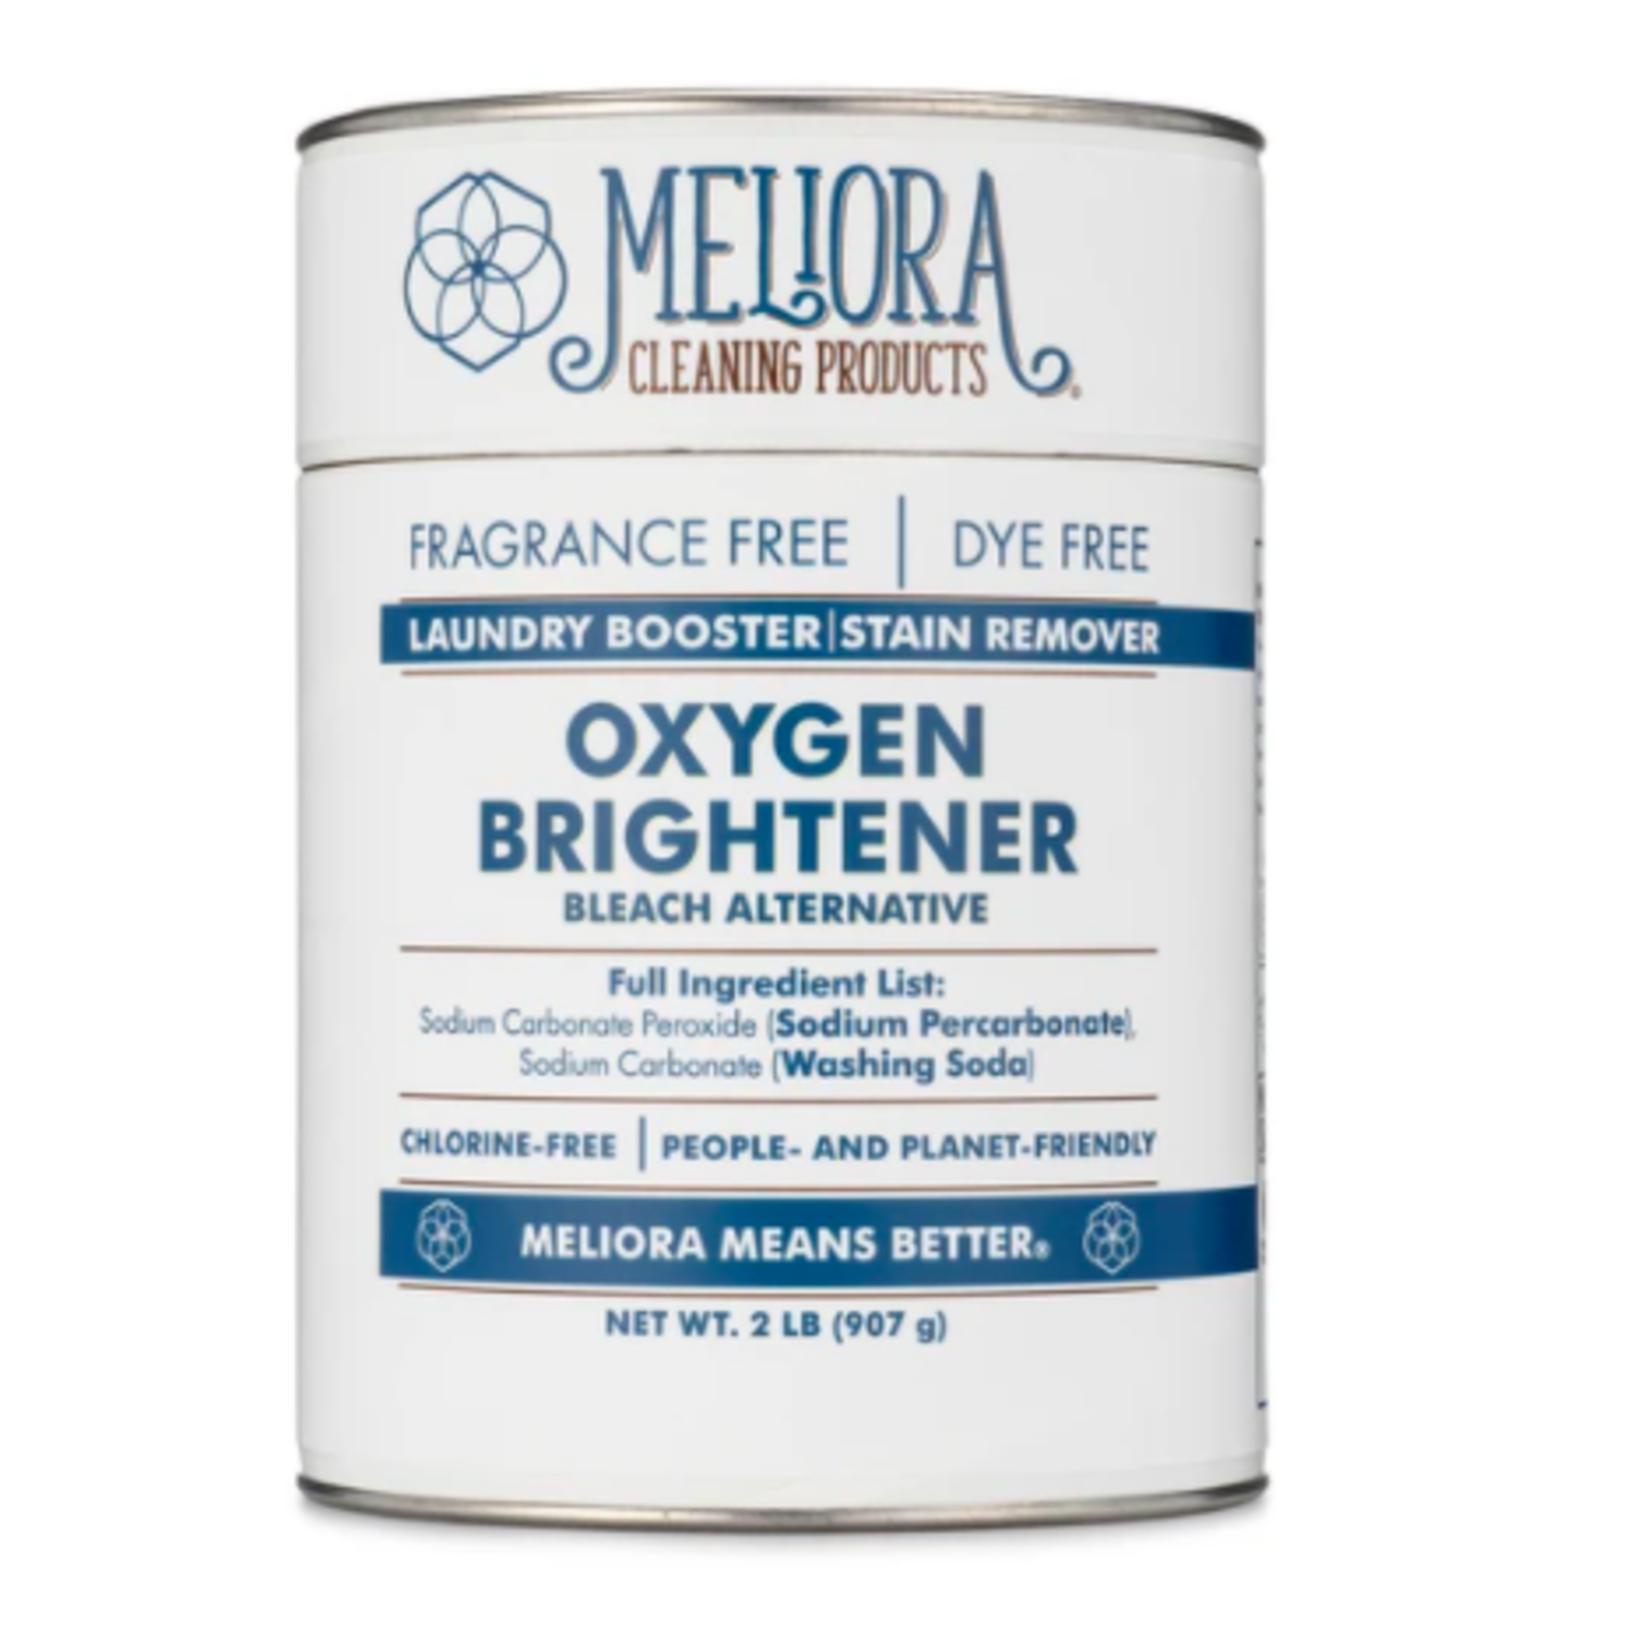 Meliora Cleaning Products Meliora Oxygen Brightener Bleach Alternative